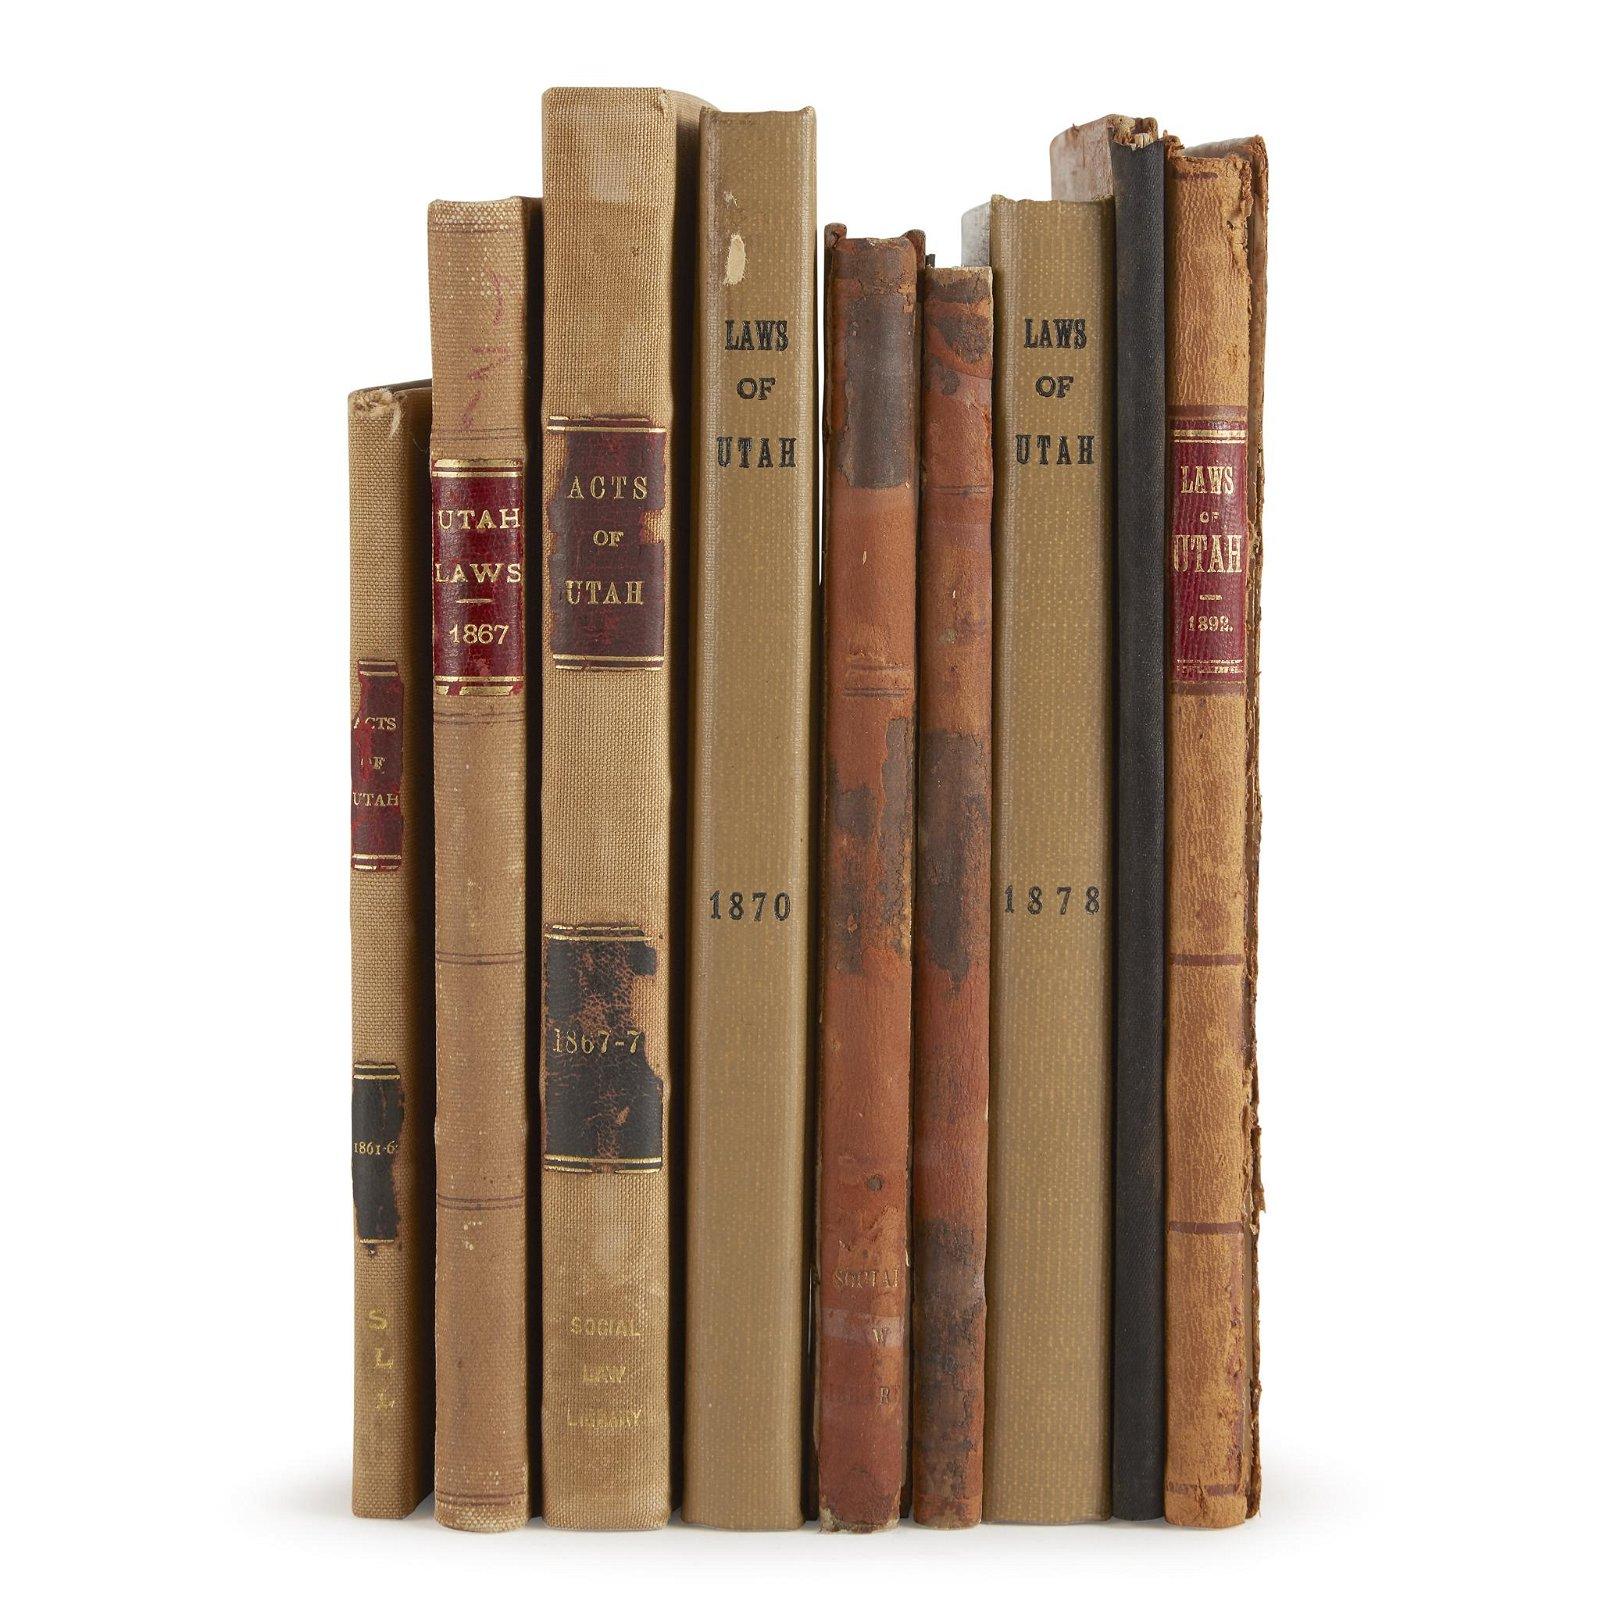 [Americana] [Utah], Group of Nine Volumes on the Laws